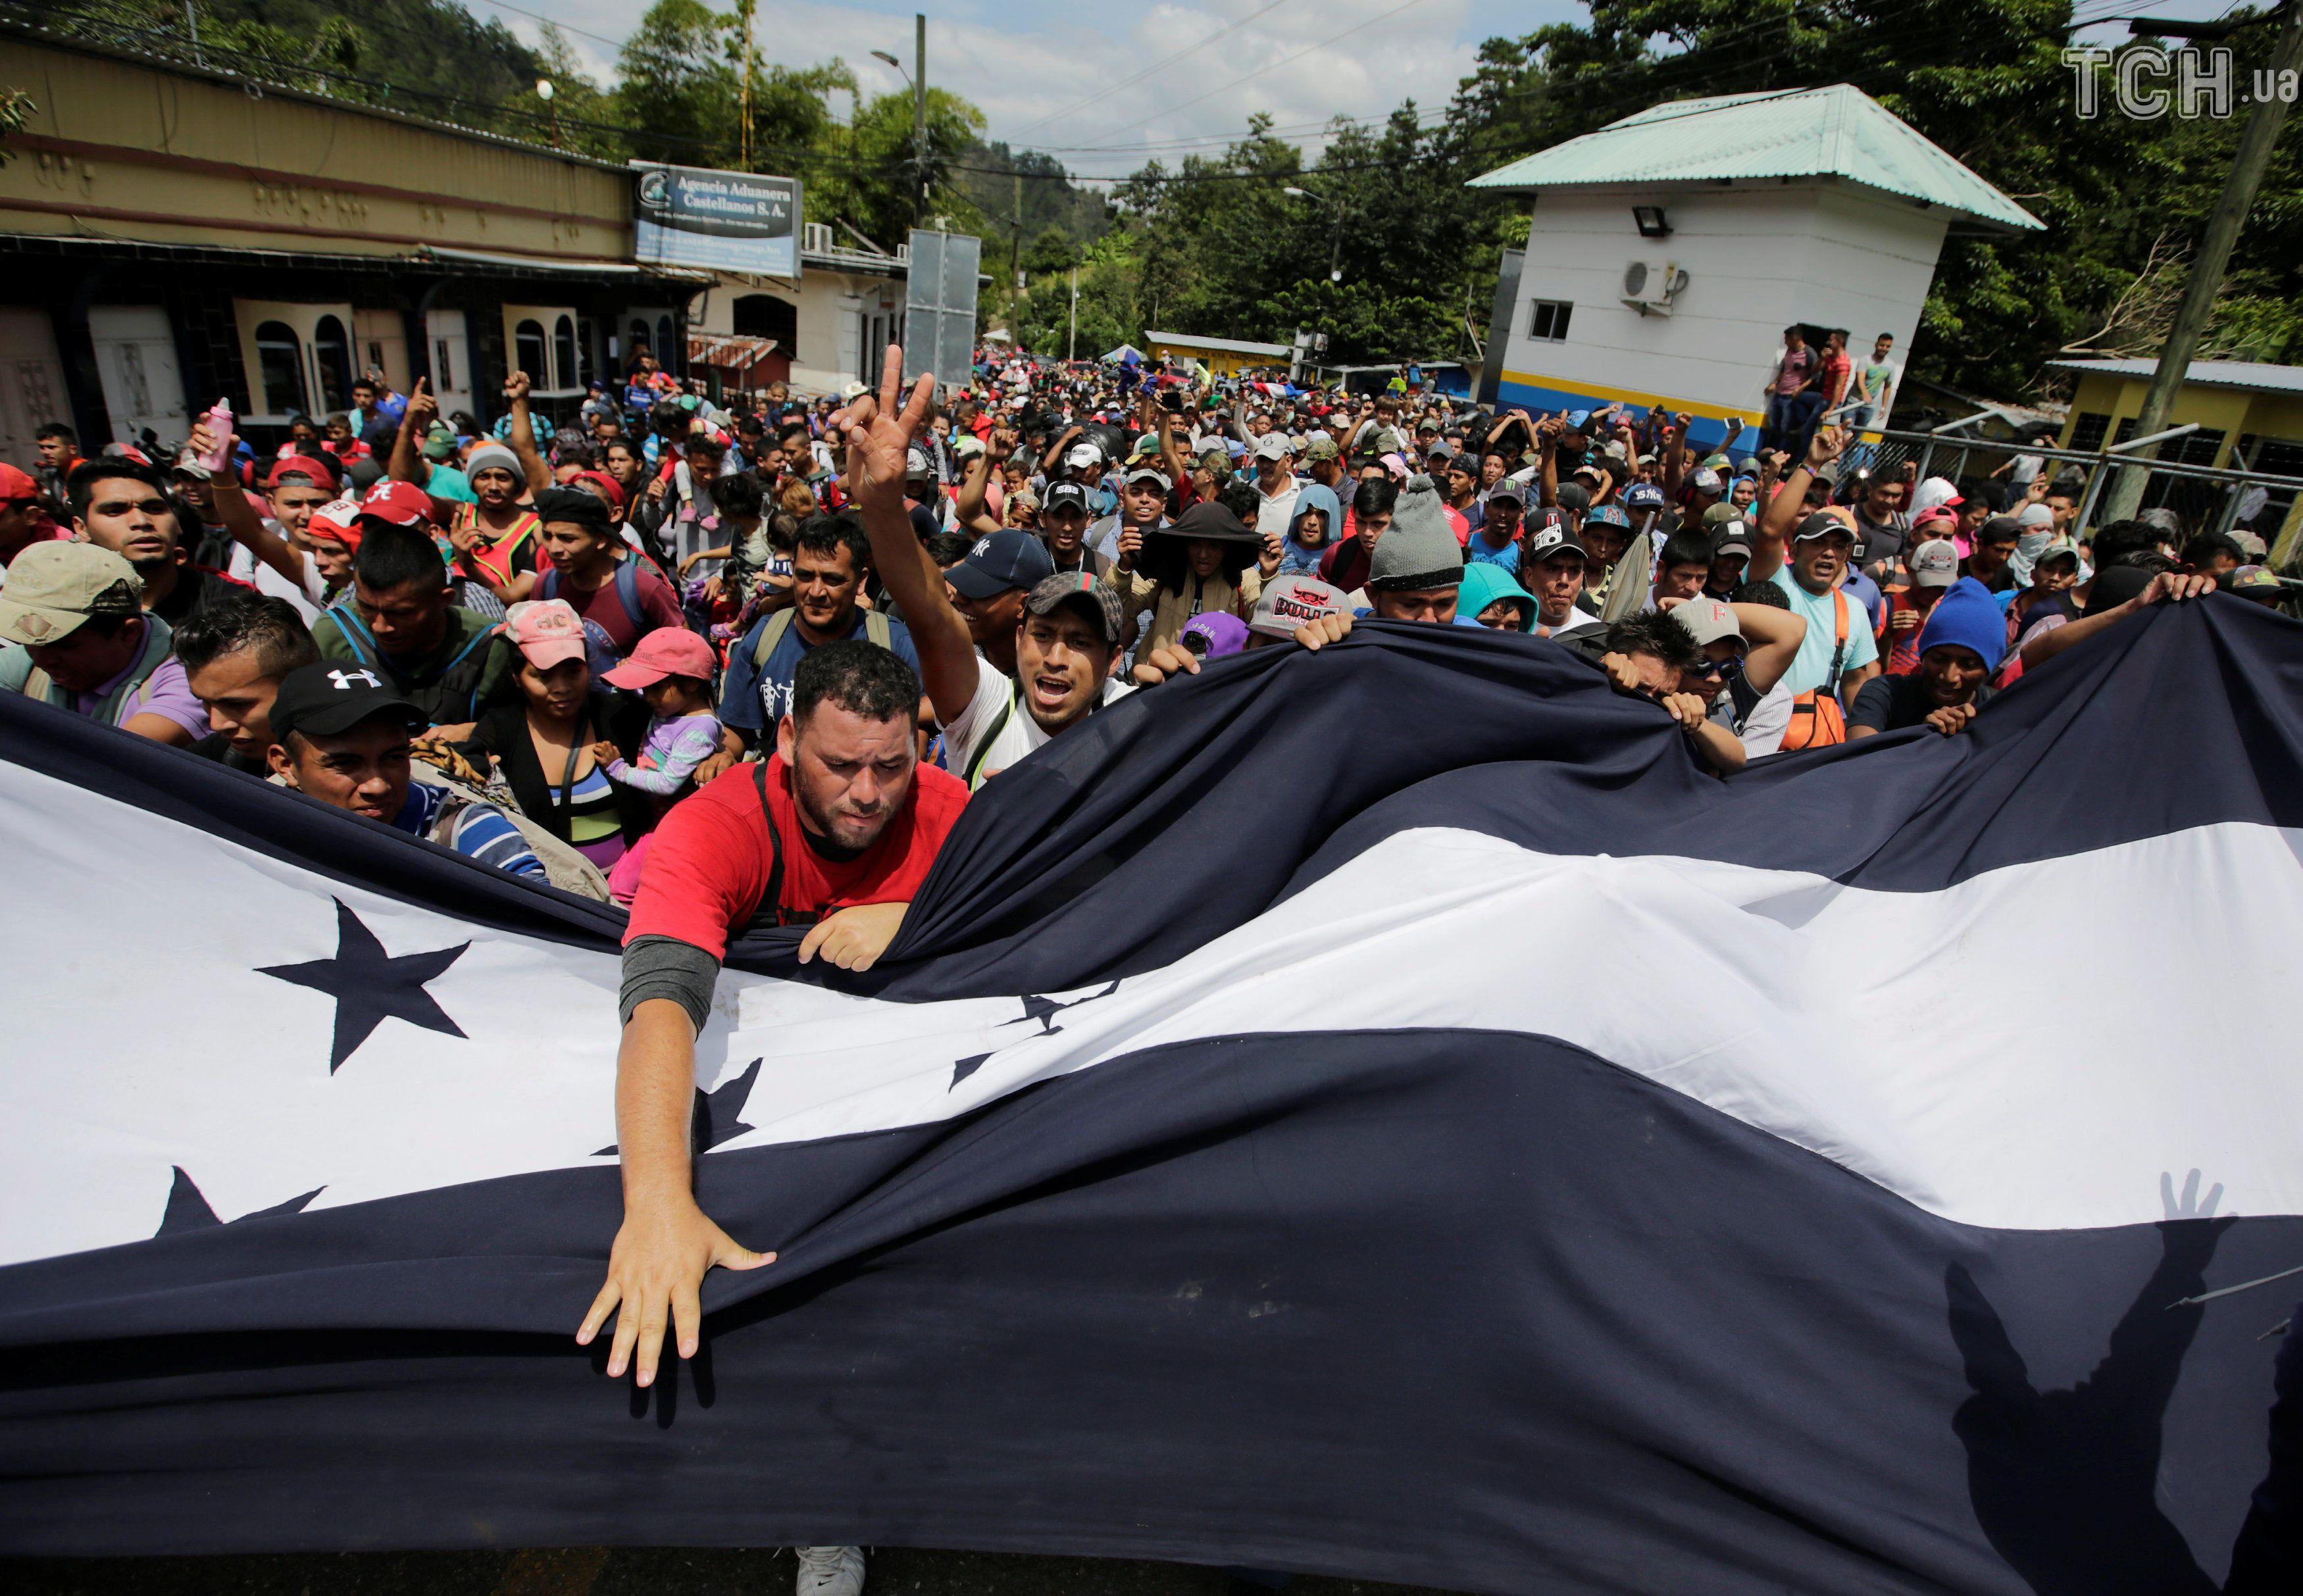 Марш мігрантів із Гондурасу